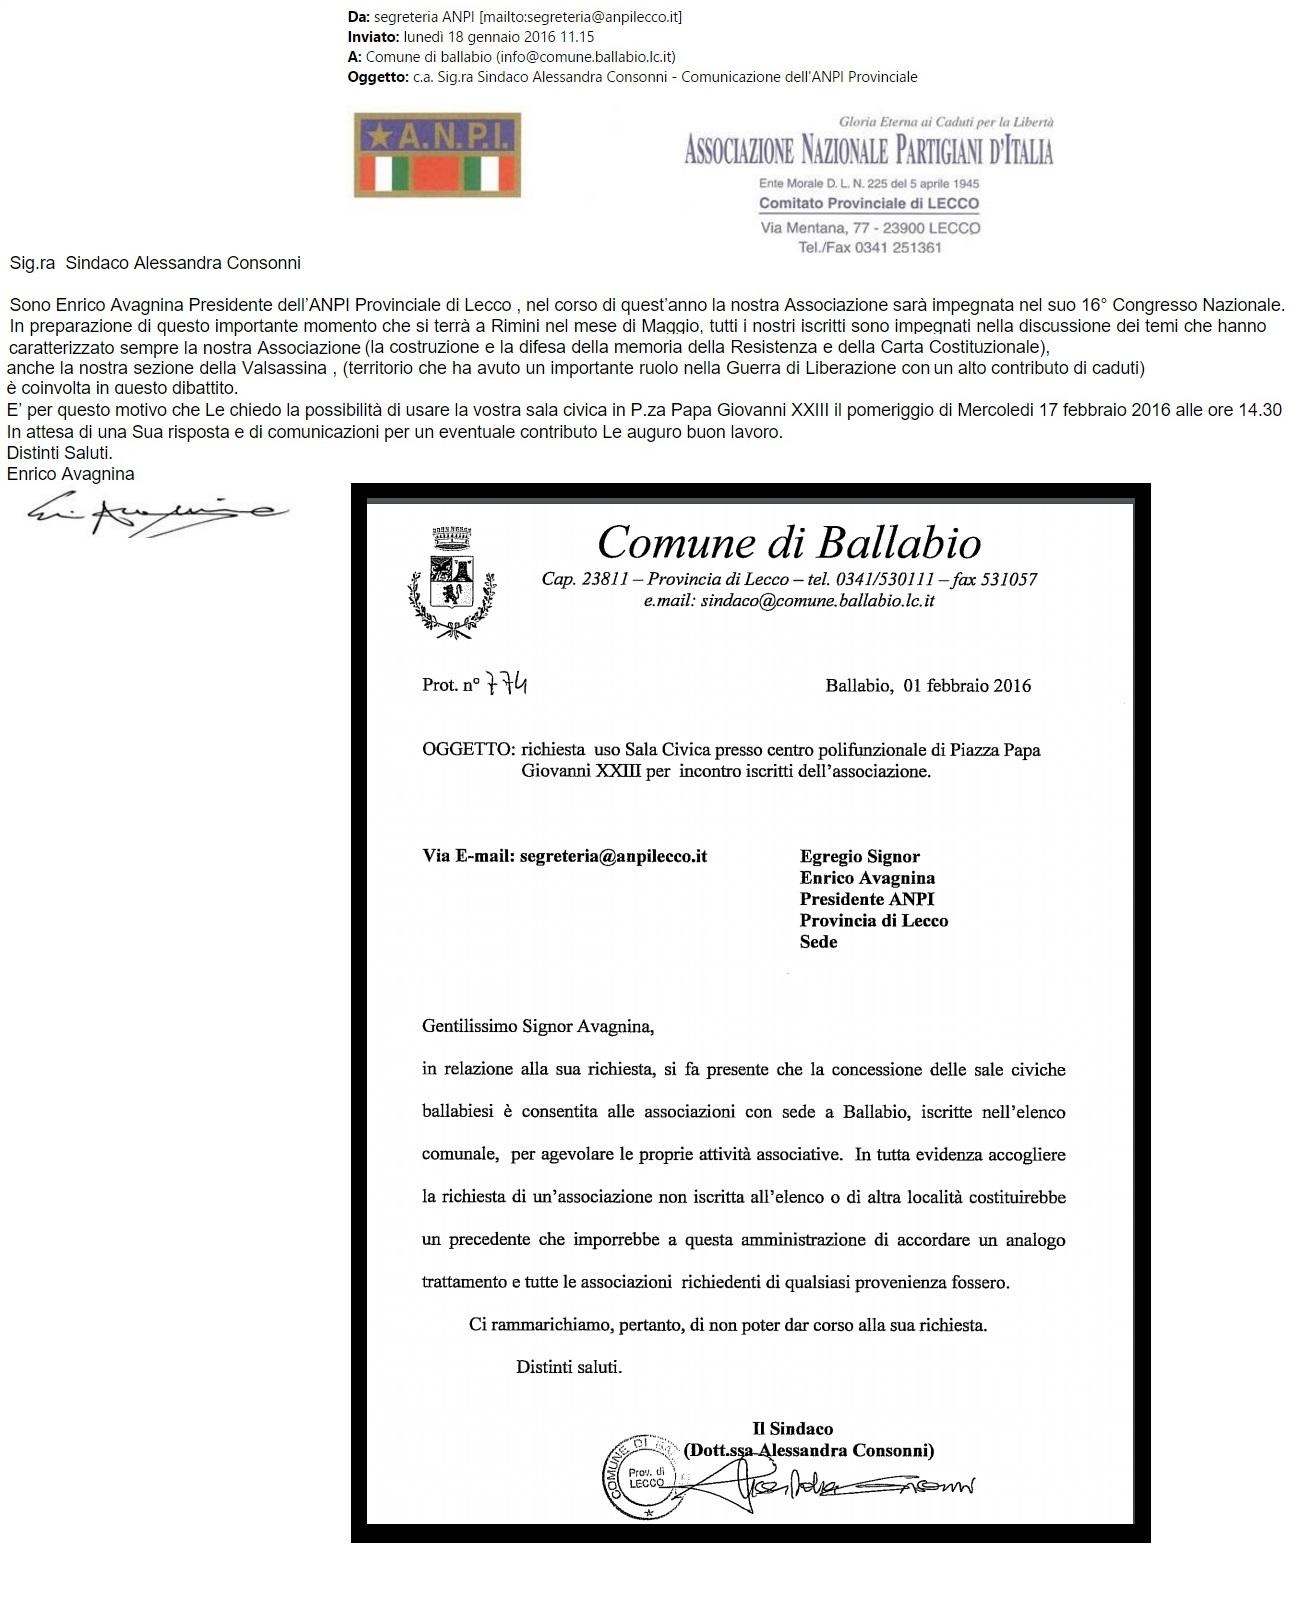 ANPI RICHIESTA E RIFIUTO BALLABIO